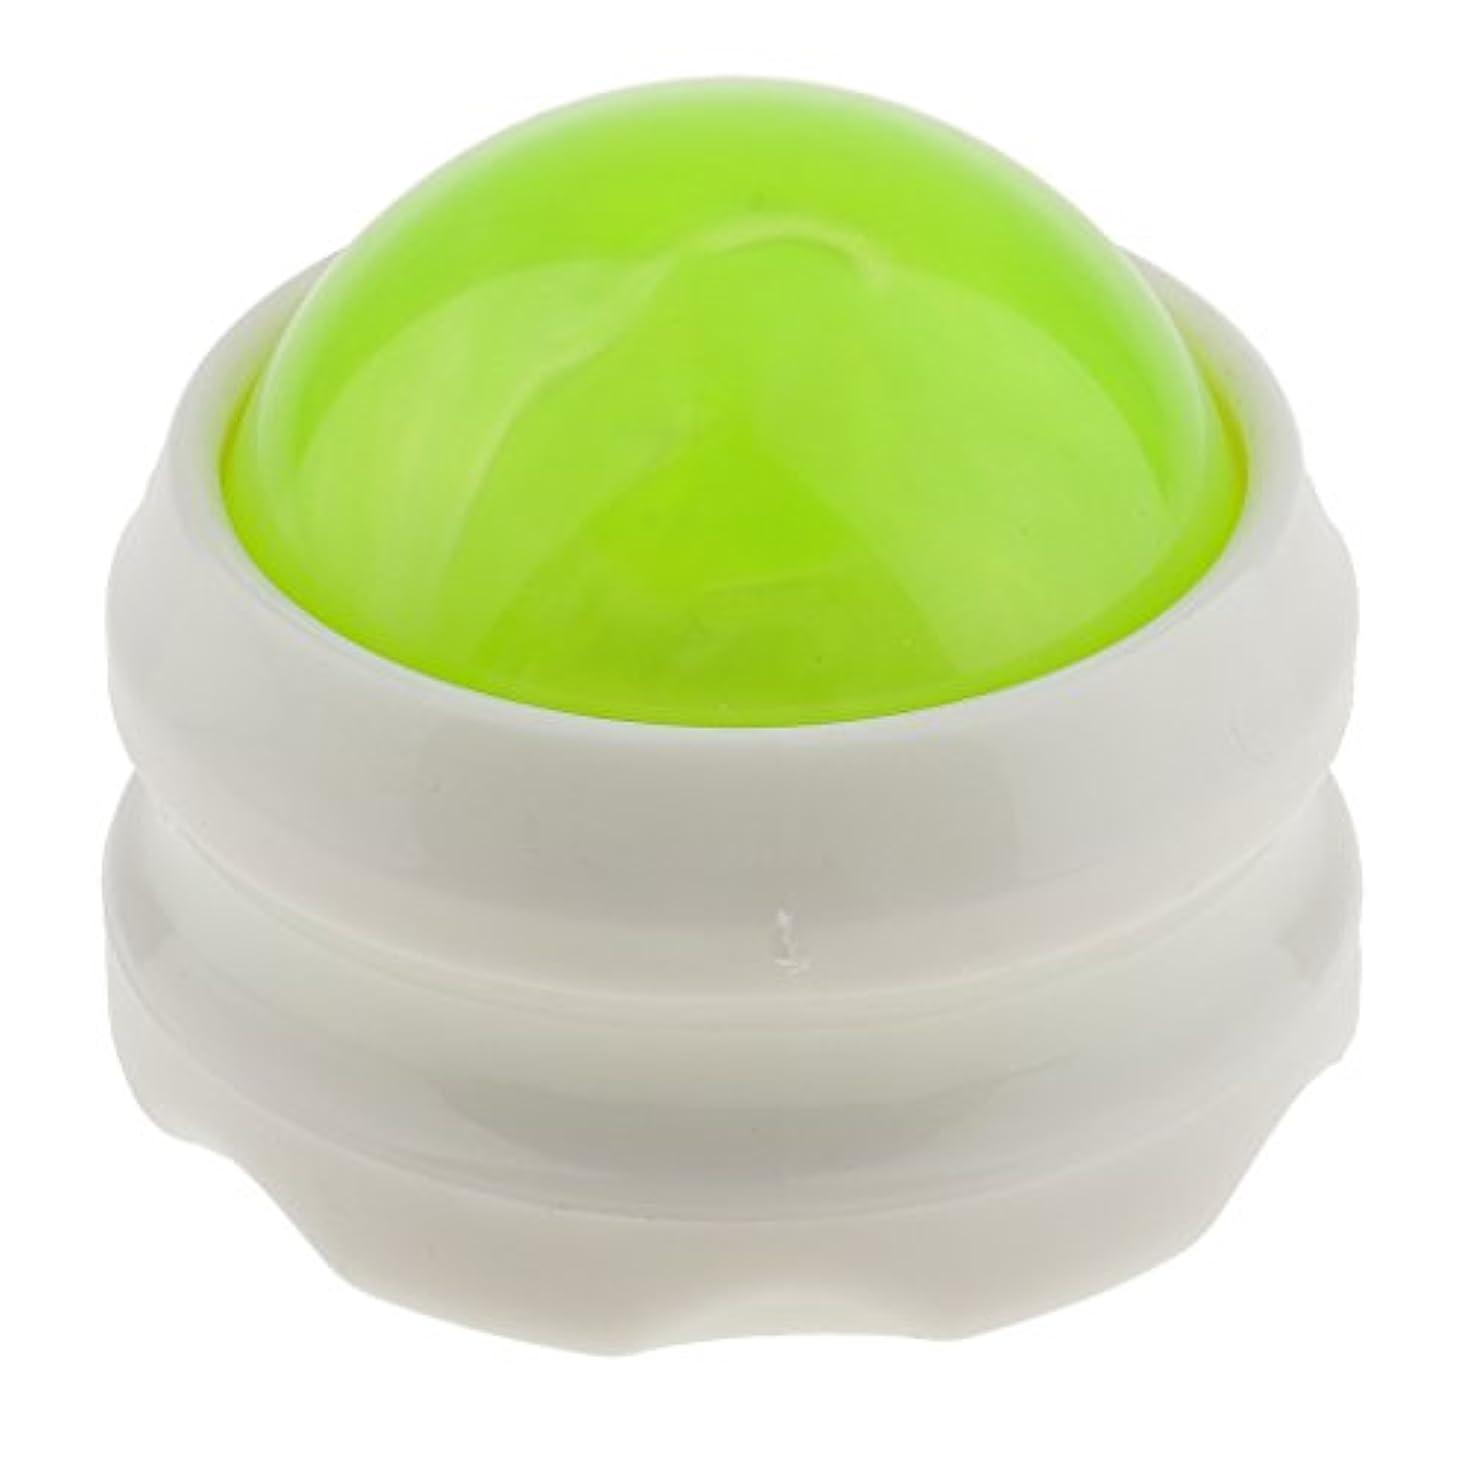 公平平衡芝生マッサージ ローラー ボディ ローラーボール 体 足 背中 首 ヒップ セルフマッサージ 全4色 - グリーンホワイト